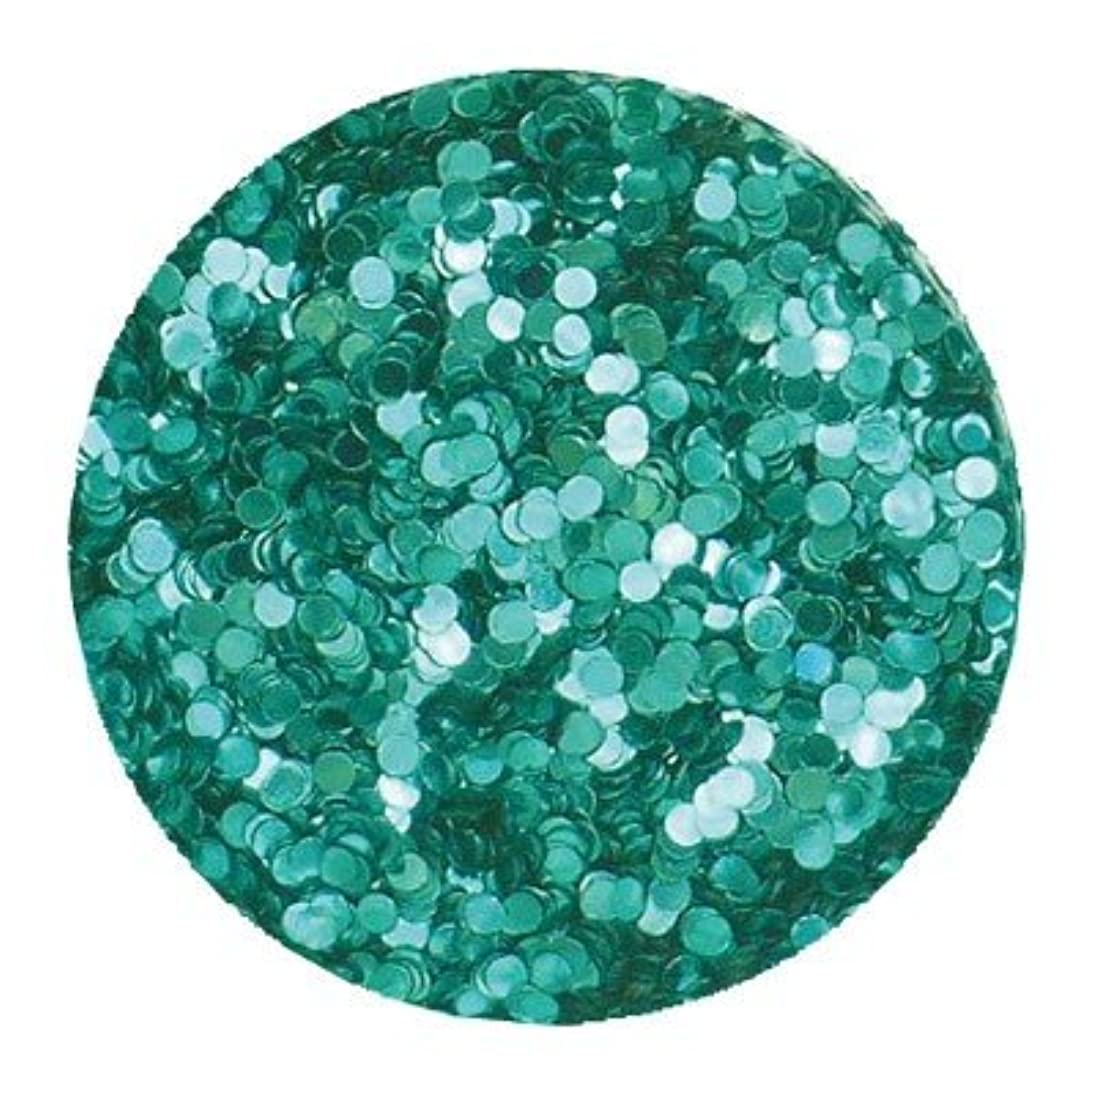 木曜日ぞっとするようなダーベビルのテスエリコネイルメタリックブルーグリーン1mm